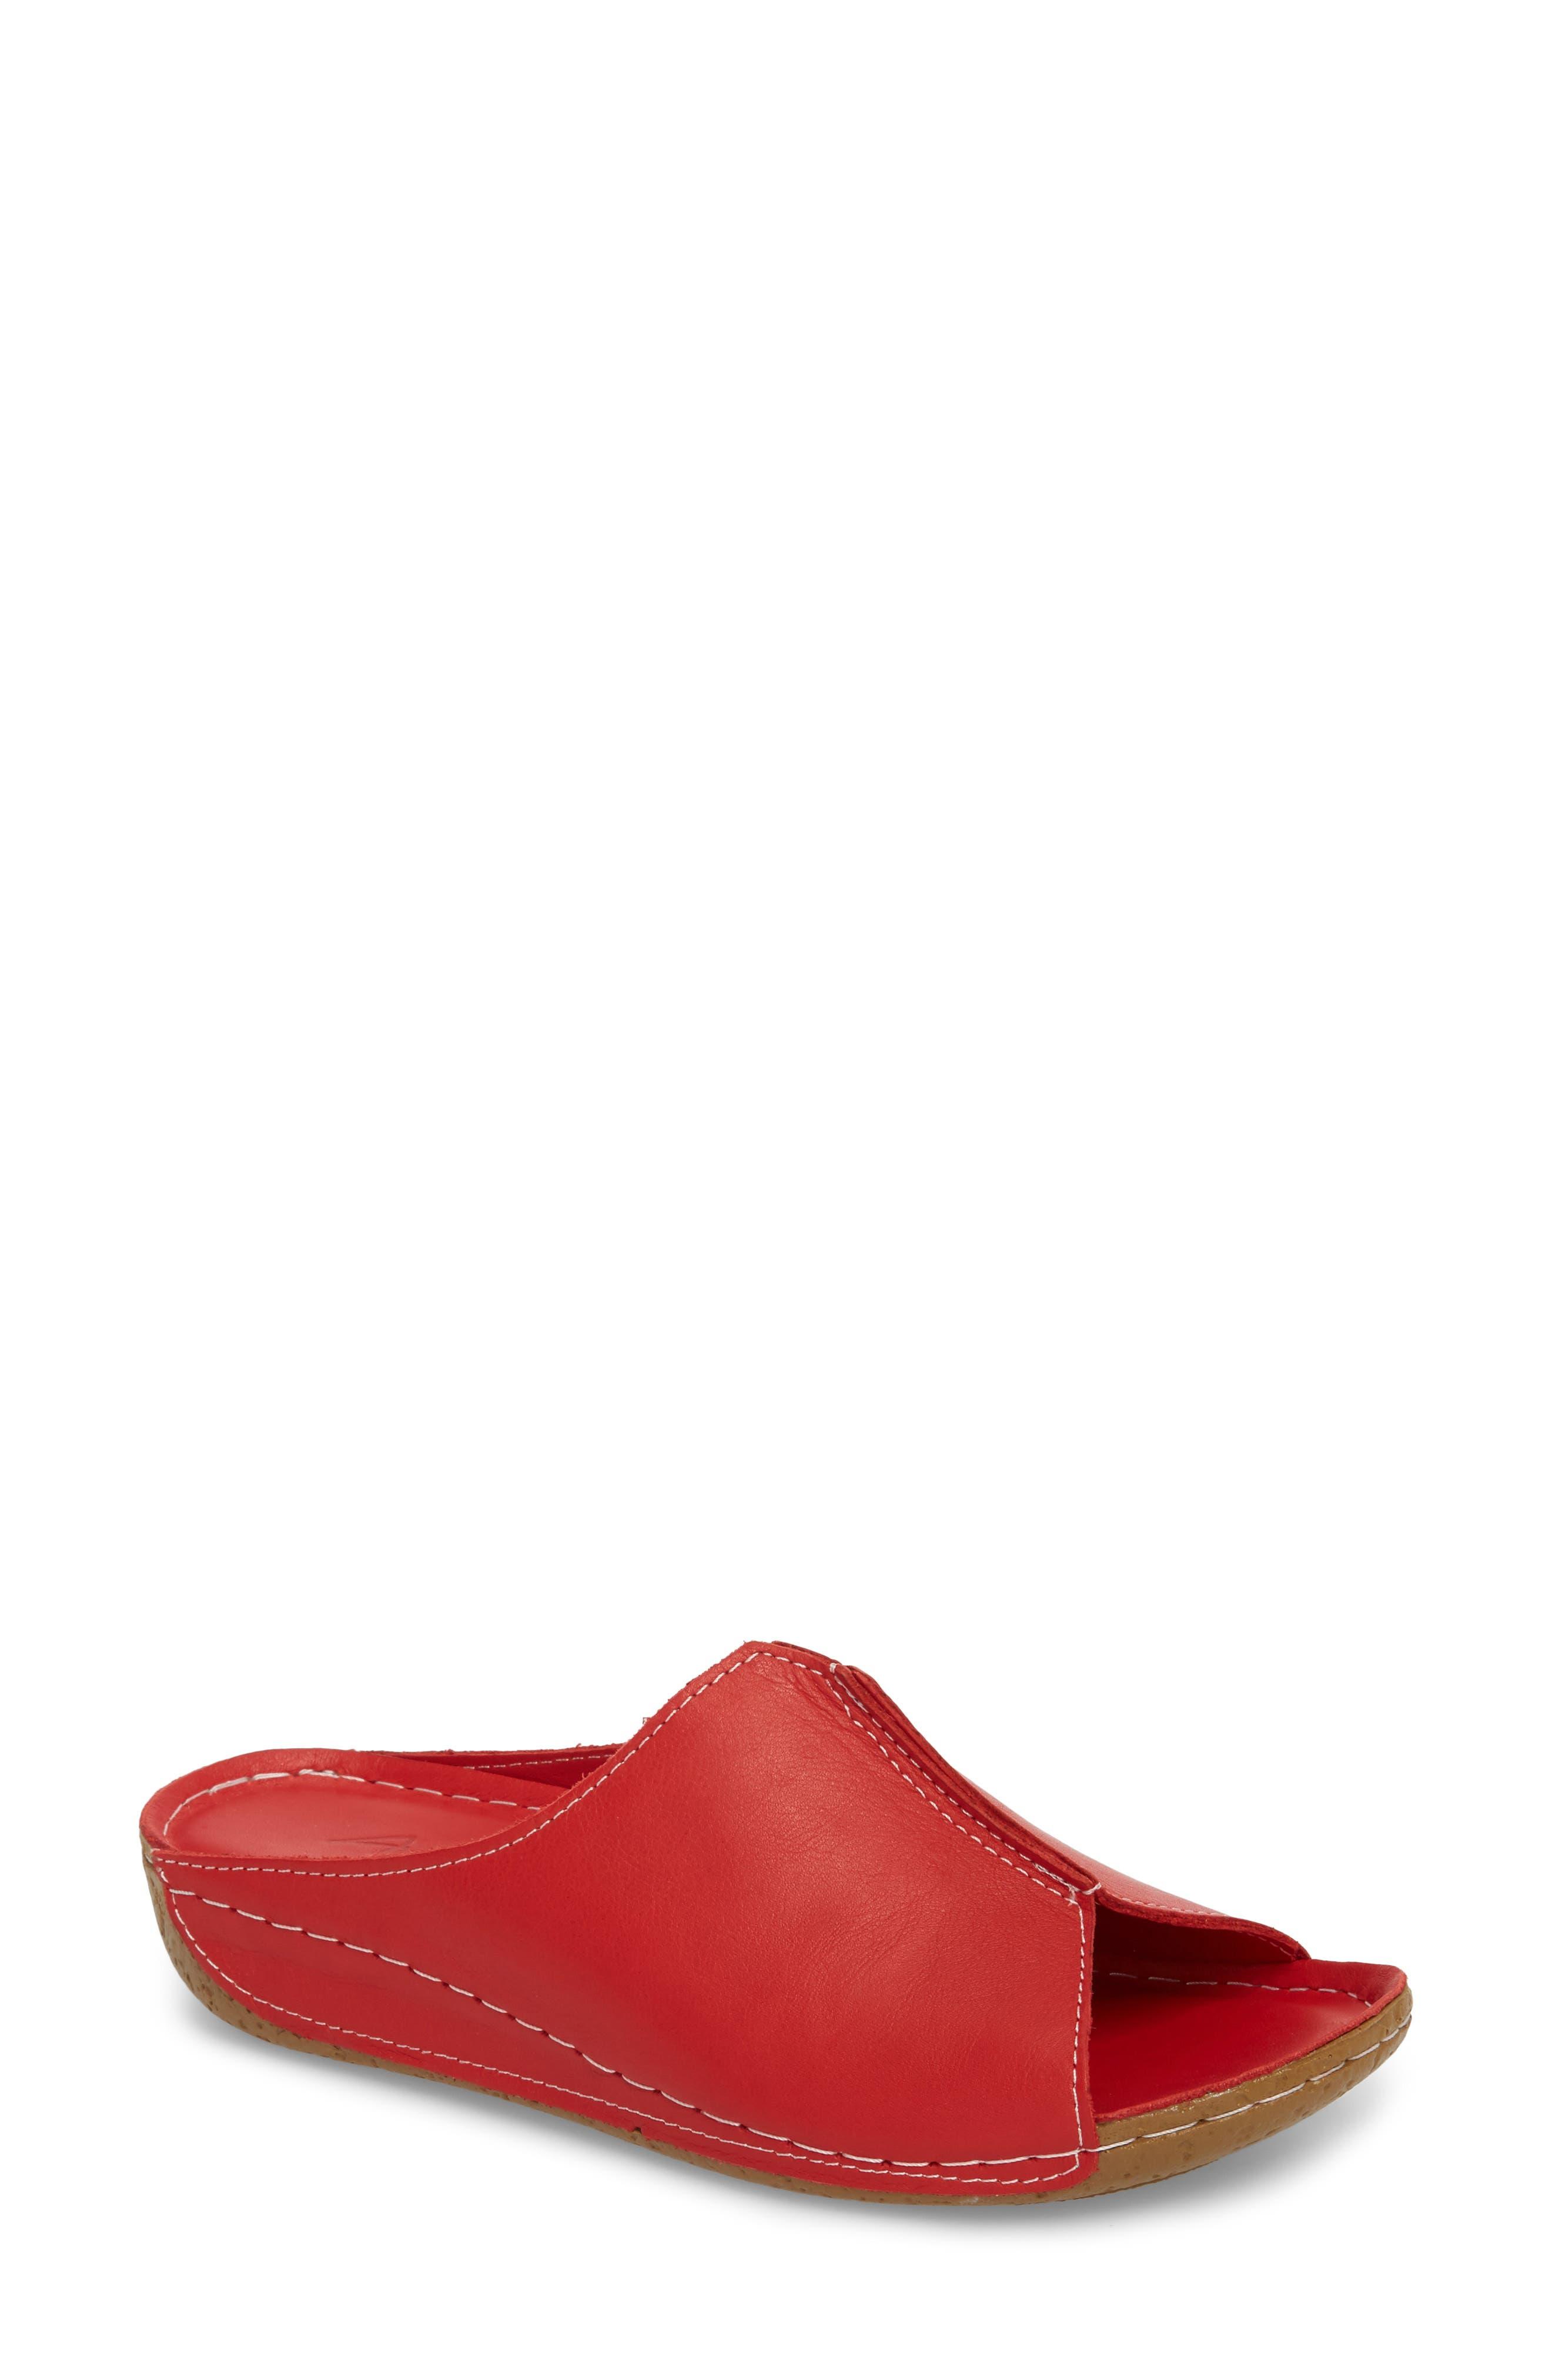 Alexa 3 Slide Sandal,                             Main thumbnail 3, color,